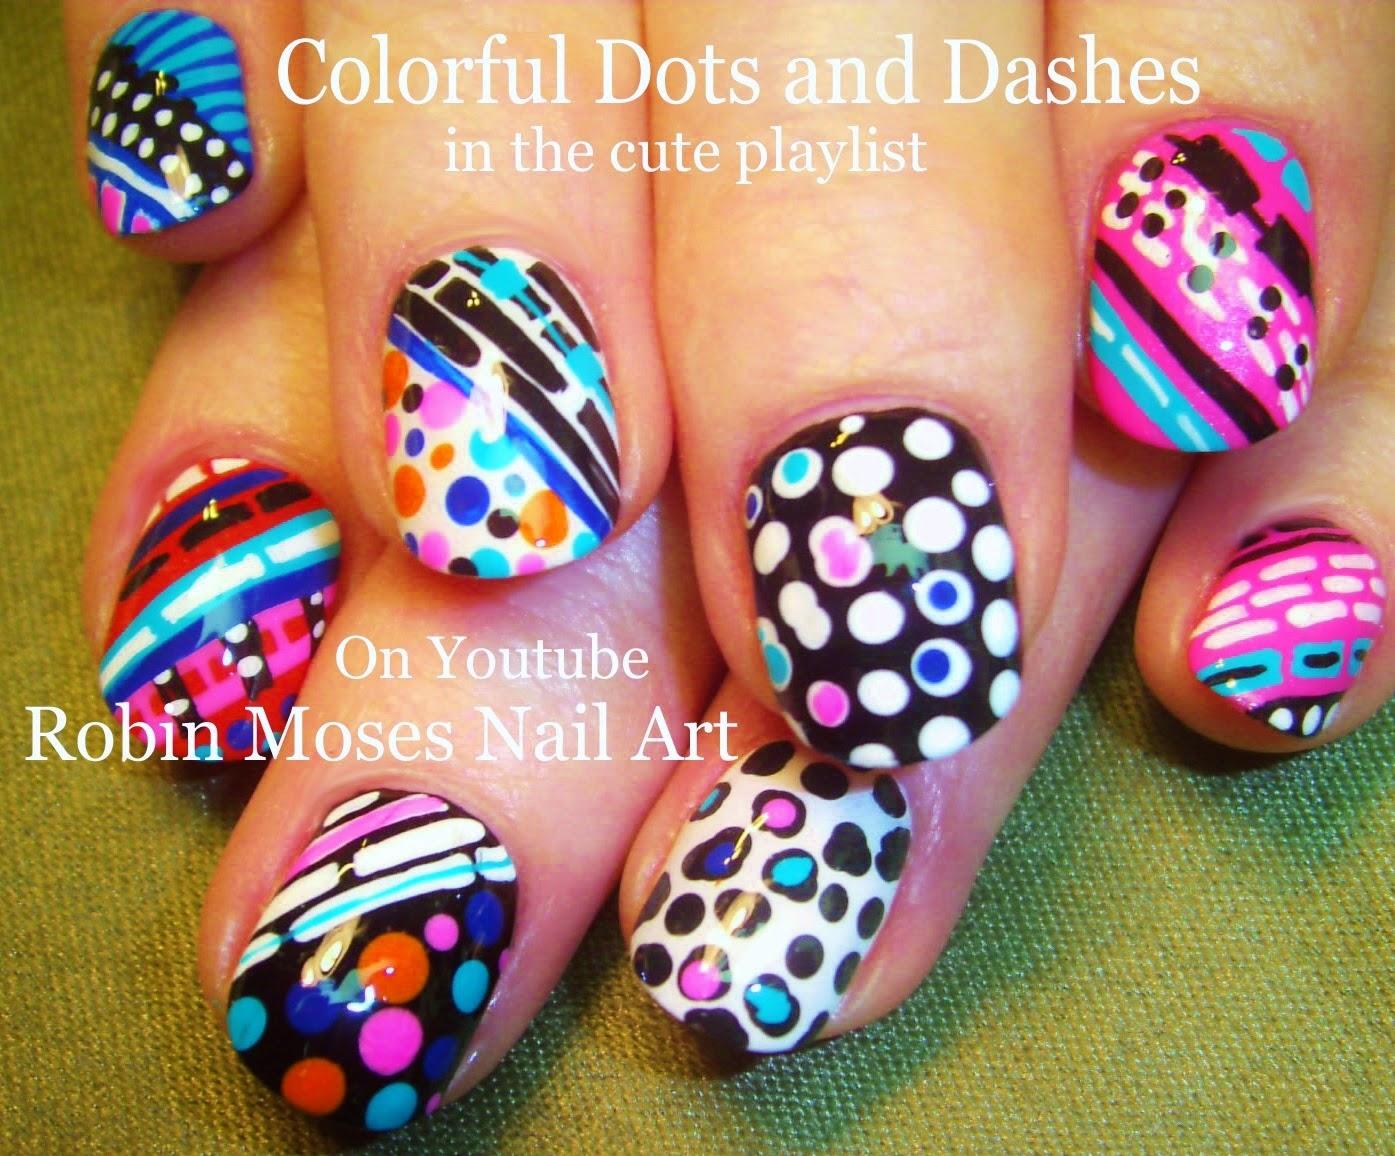 Robin Moses Nail Art: April 2015